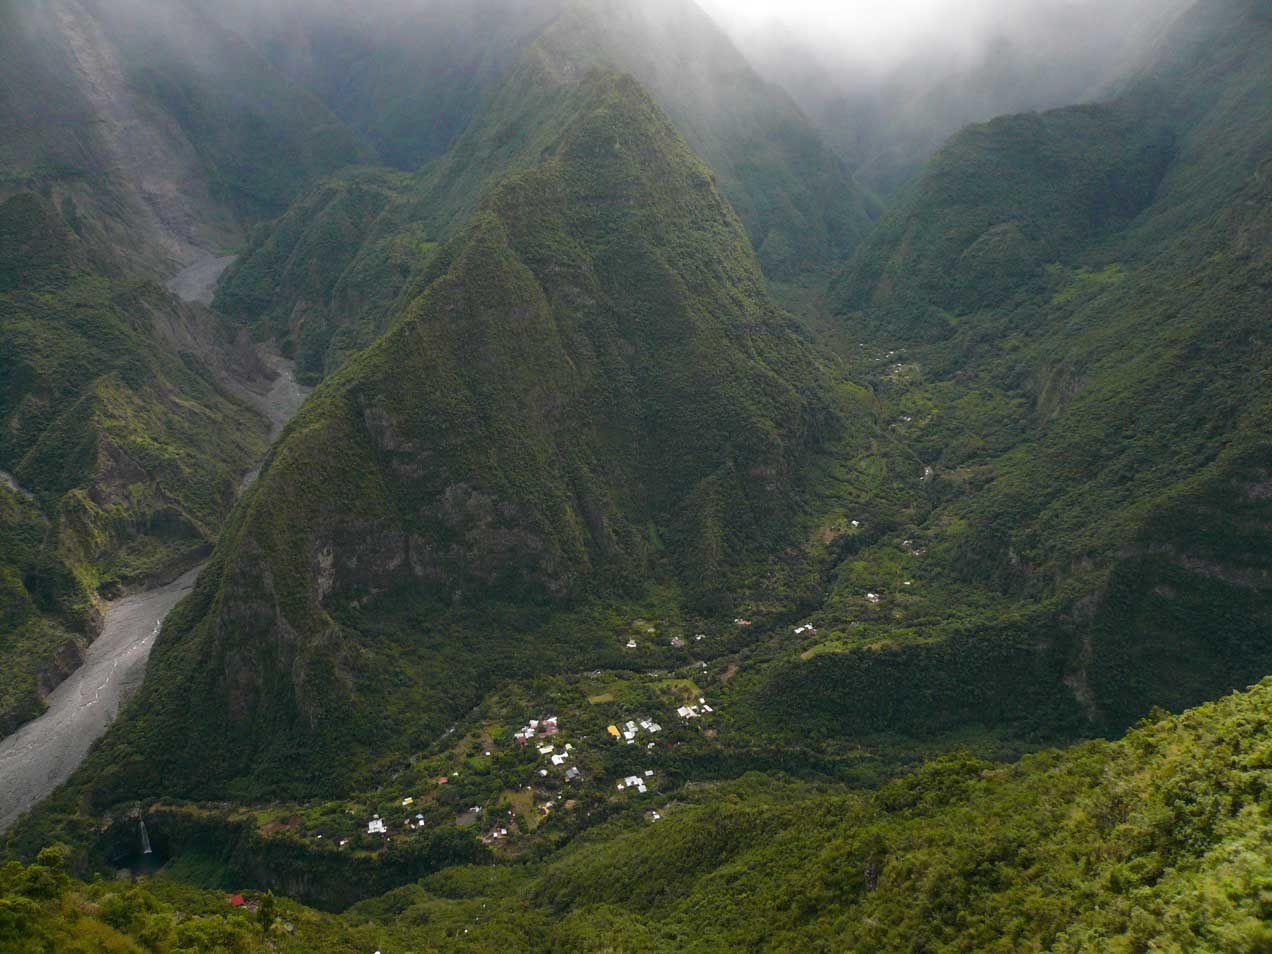 Cartes postales d'un séjour à La Réunion...